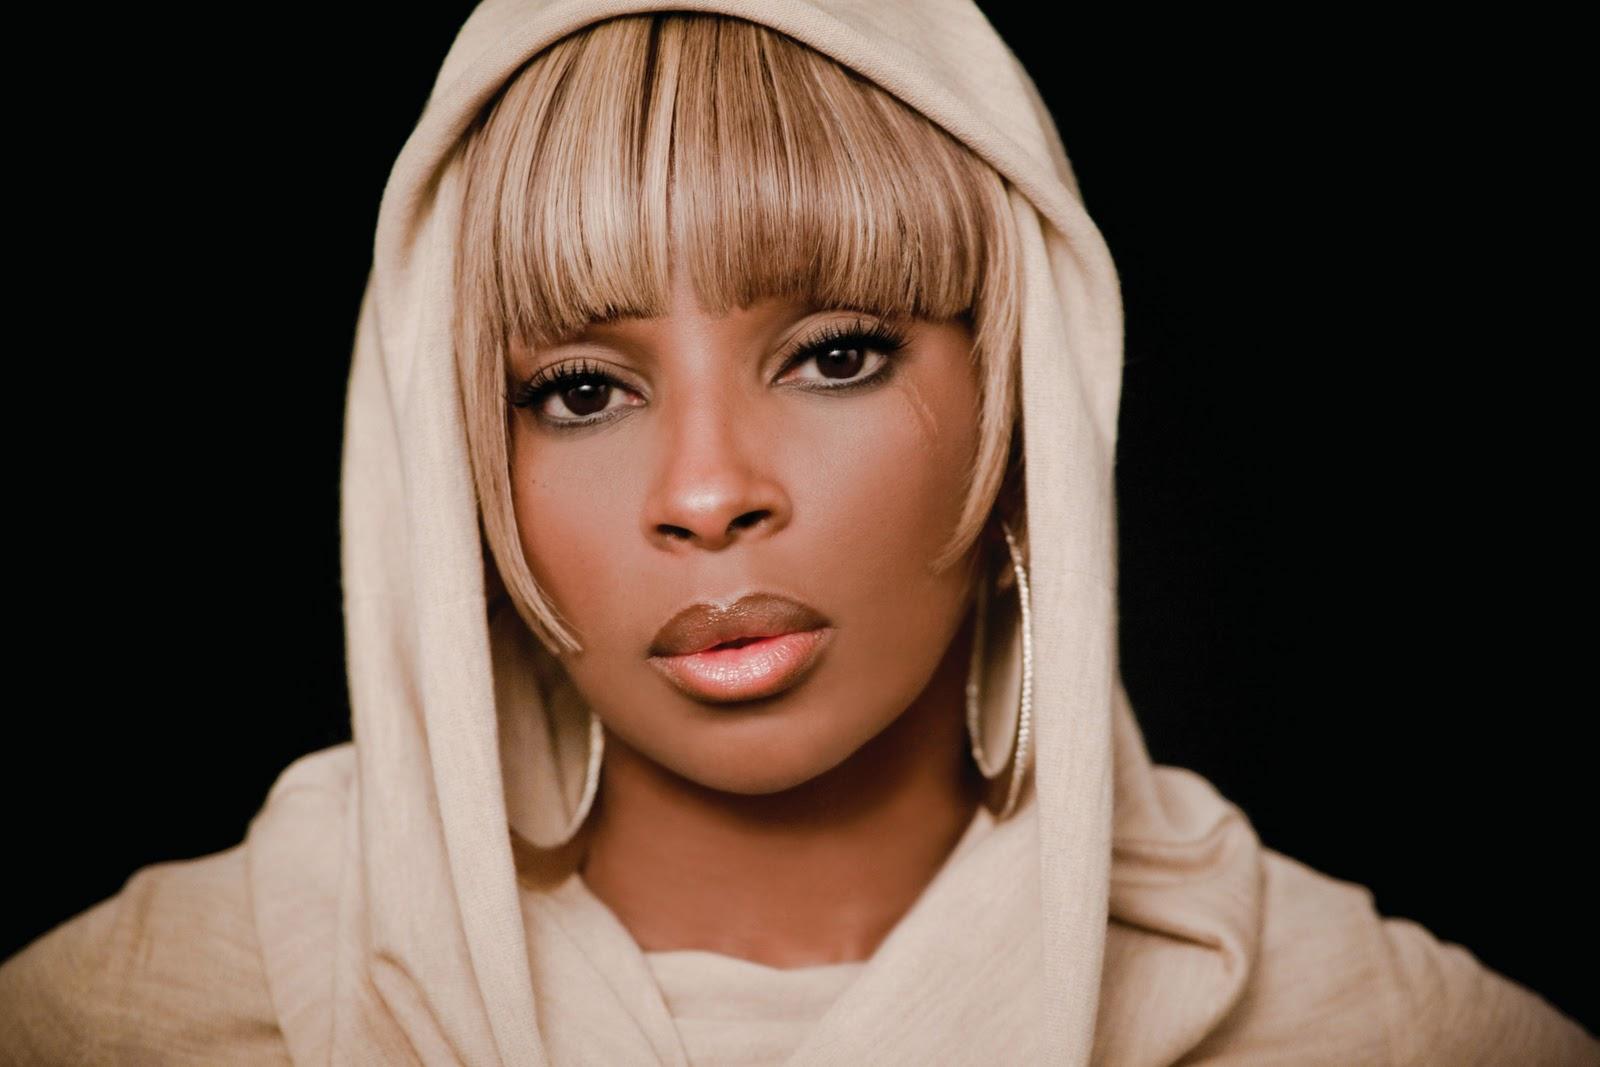 Mary Blige / メアリー・j. ブライジ